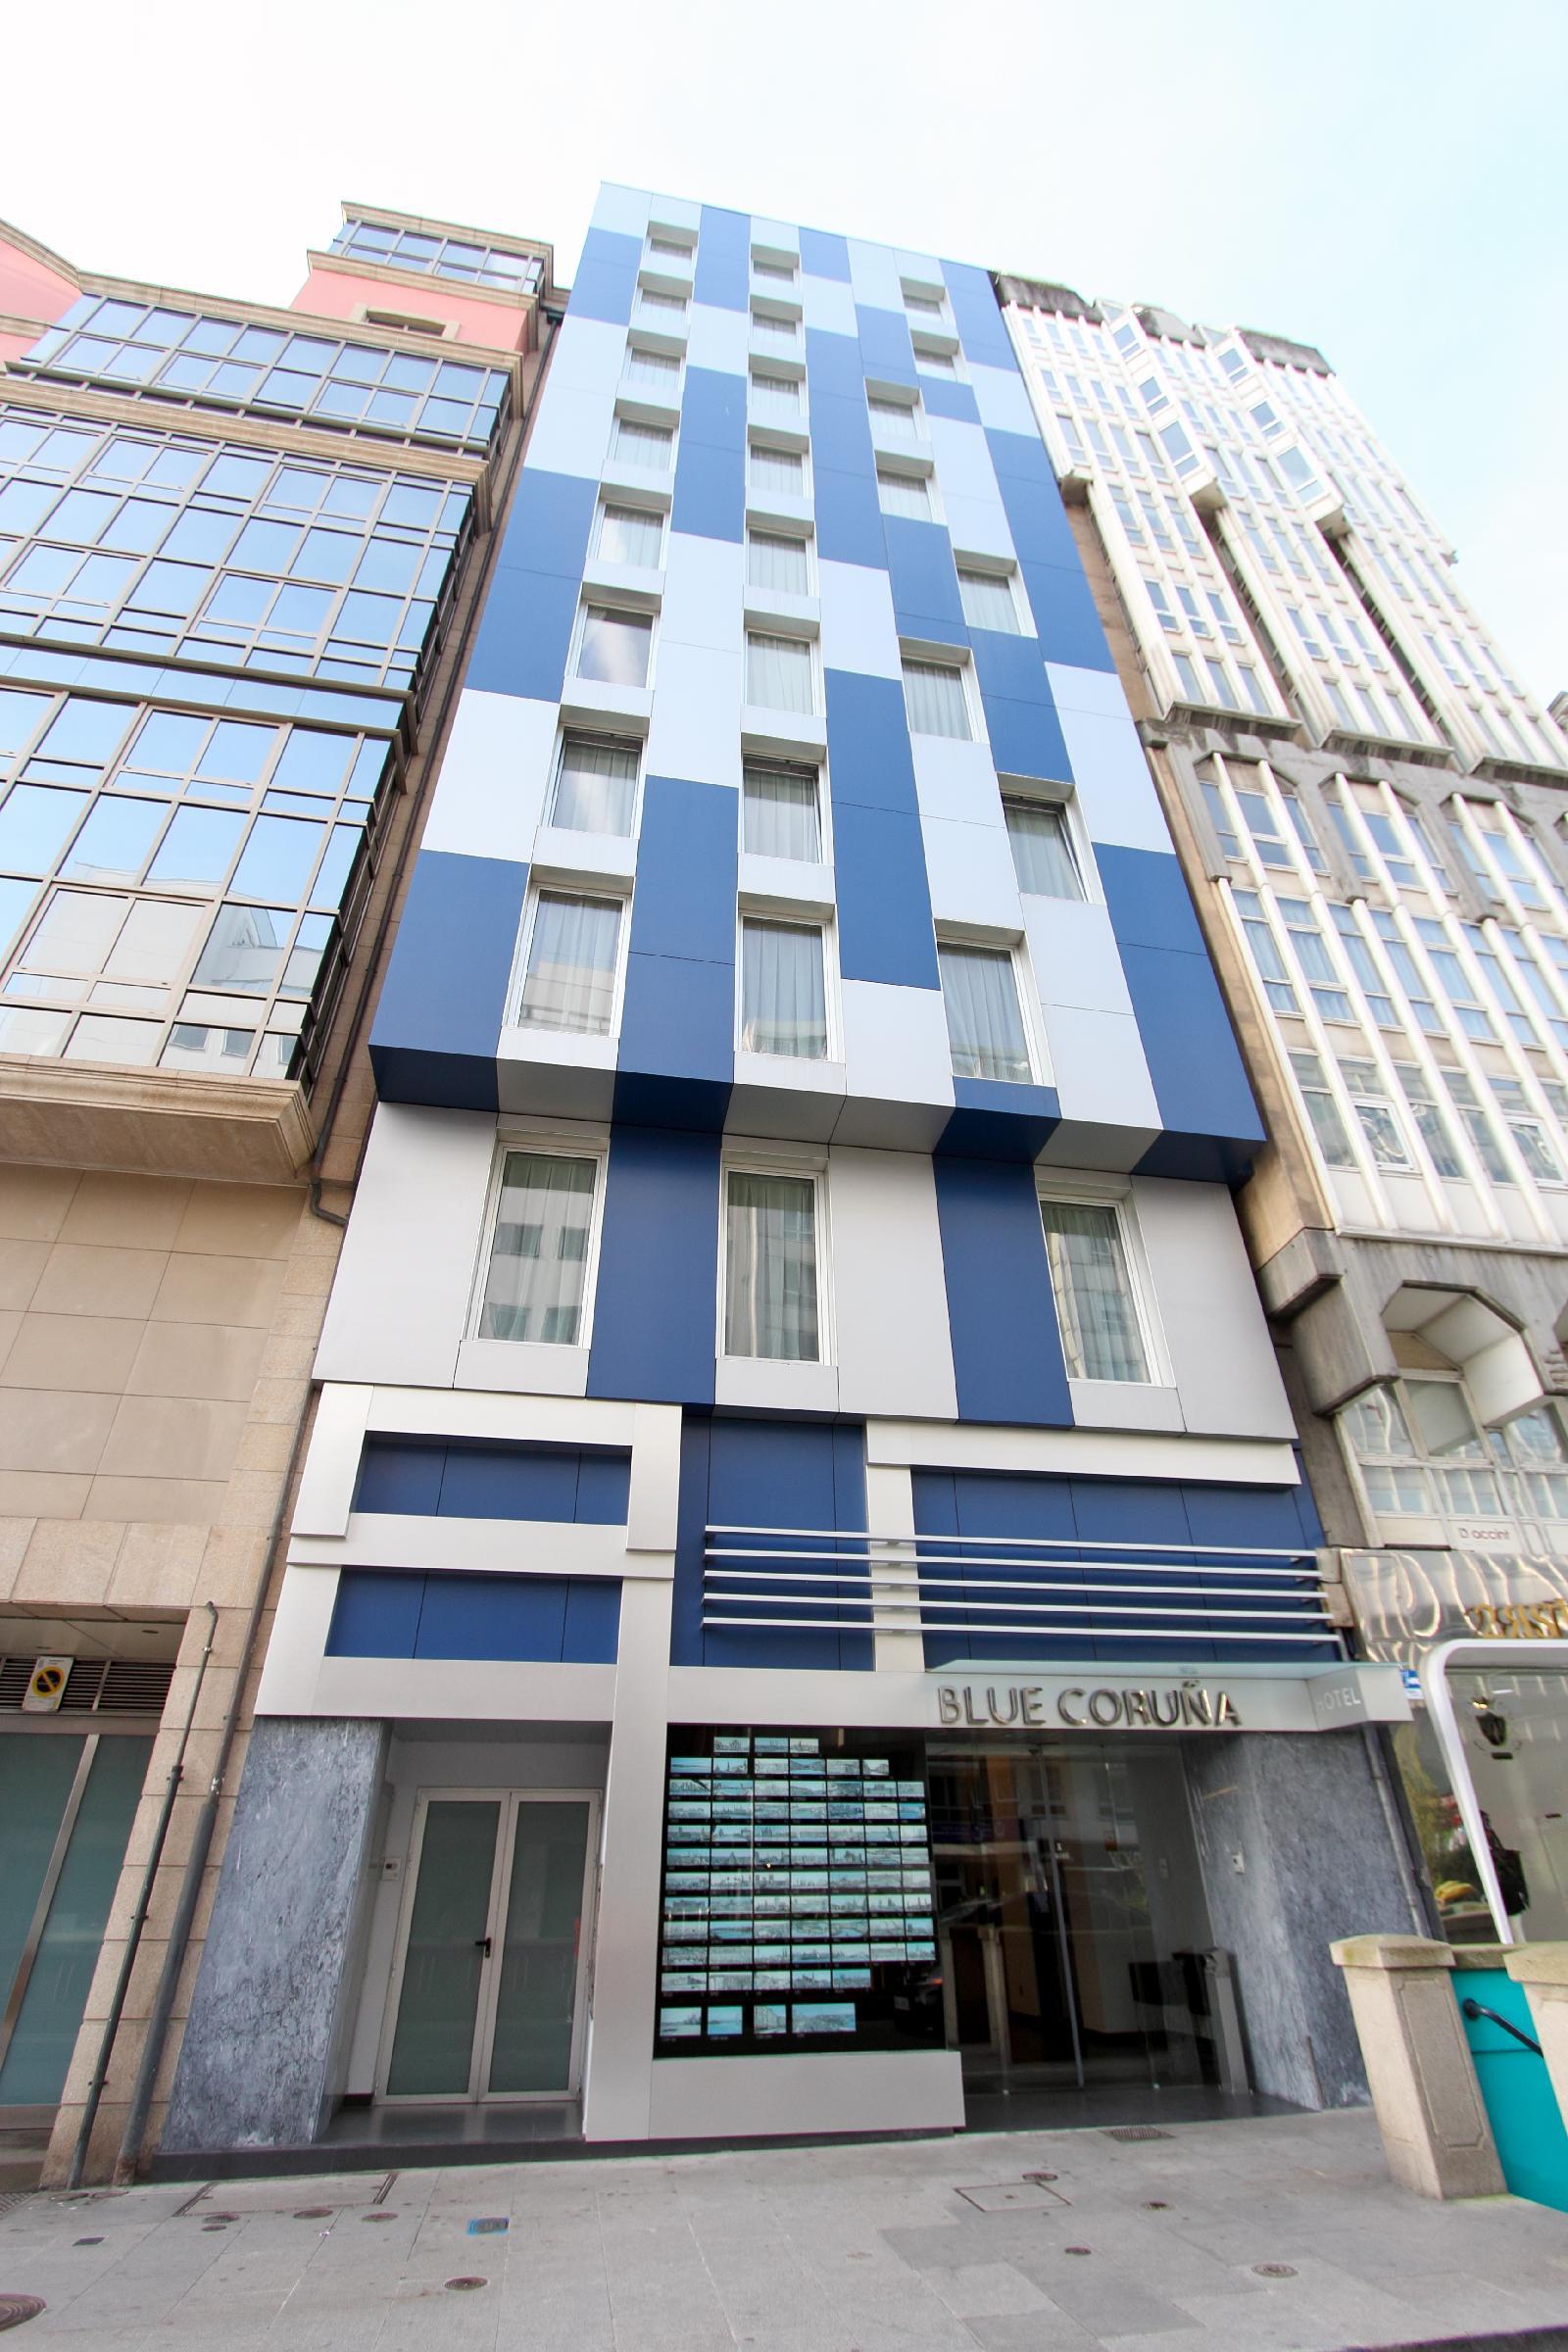 2. Hotel Blue Coruña